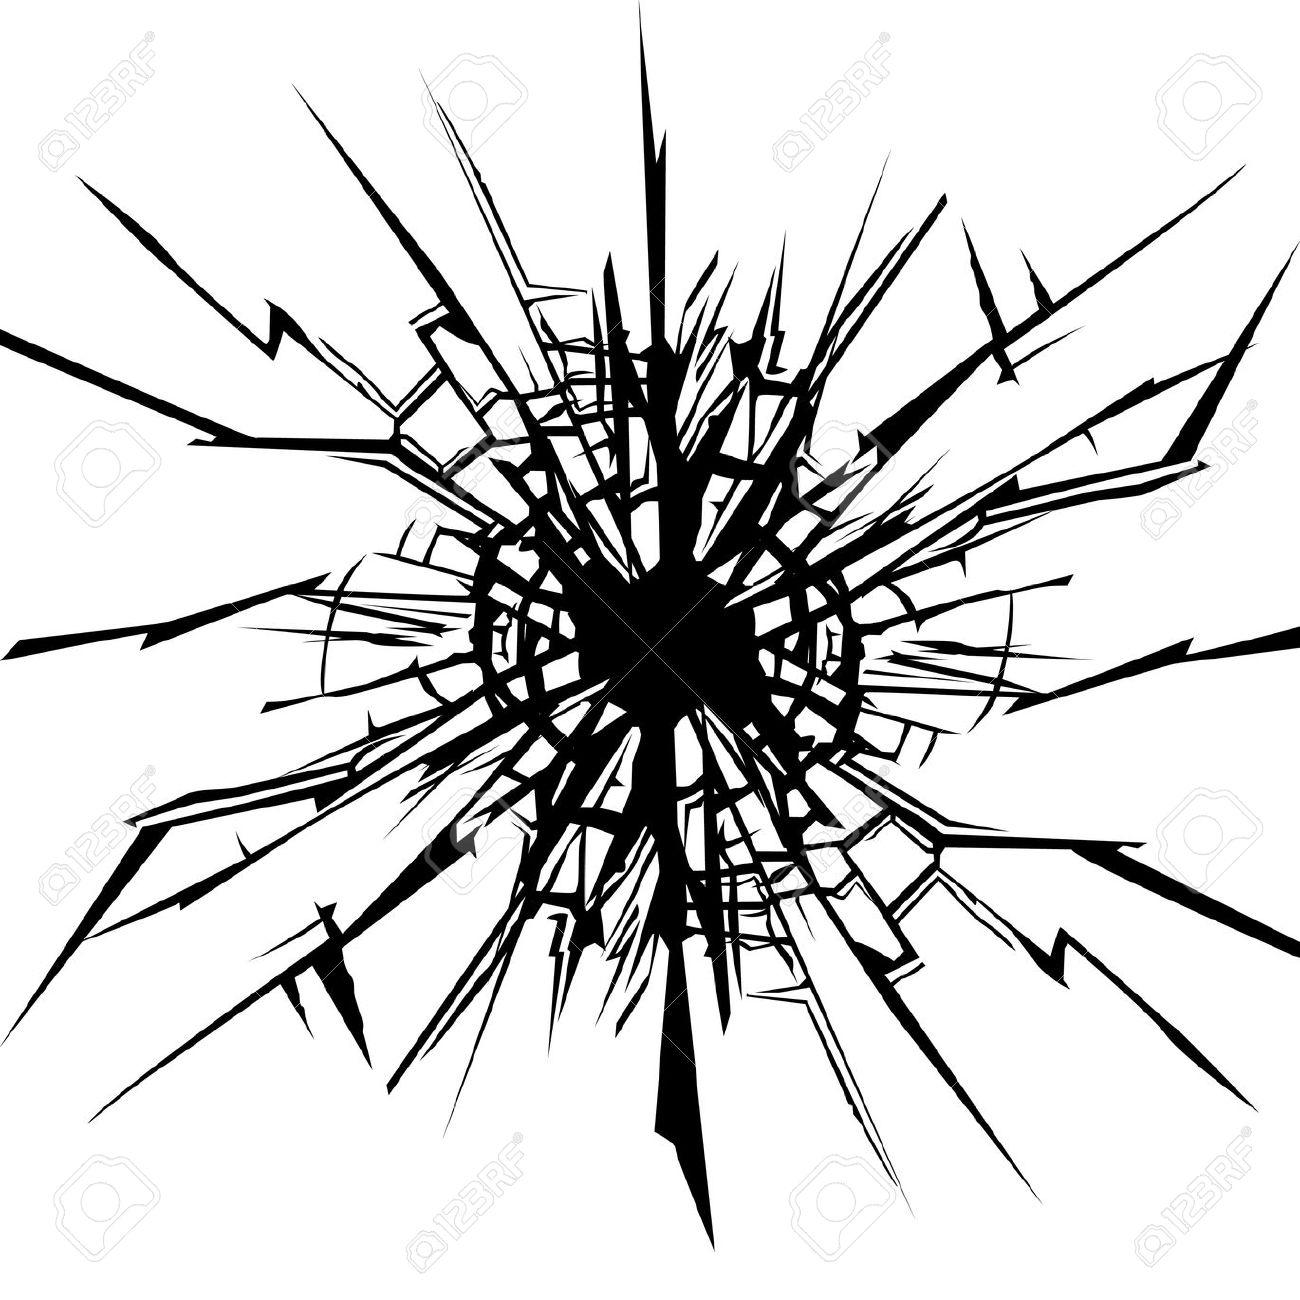 Broken Glass Clipart.